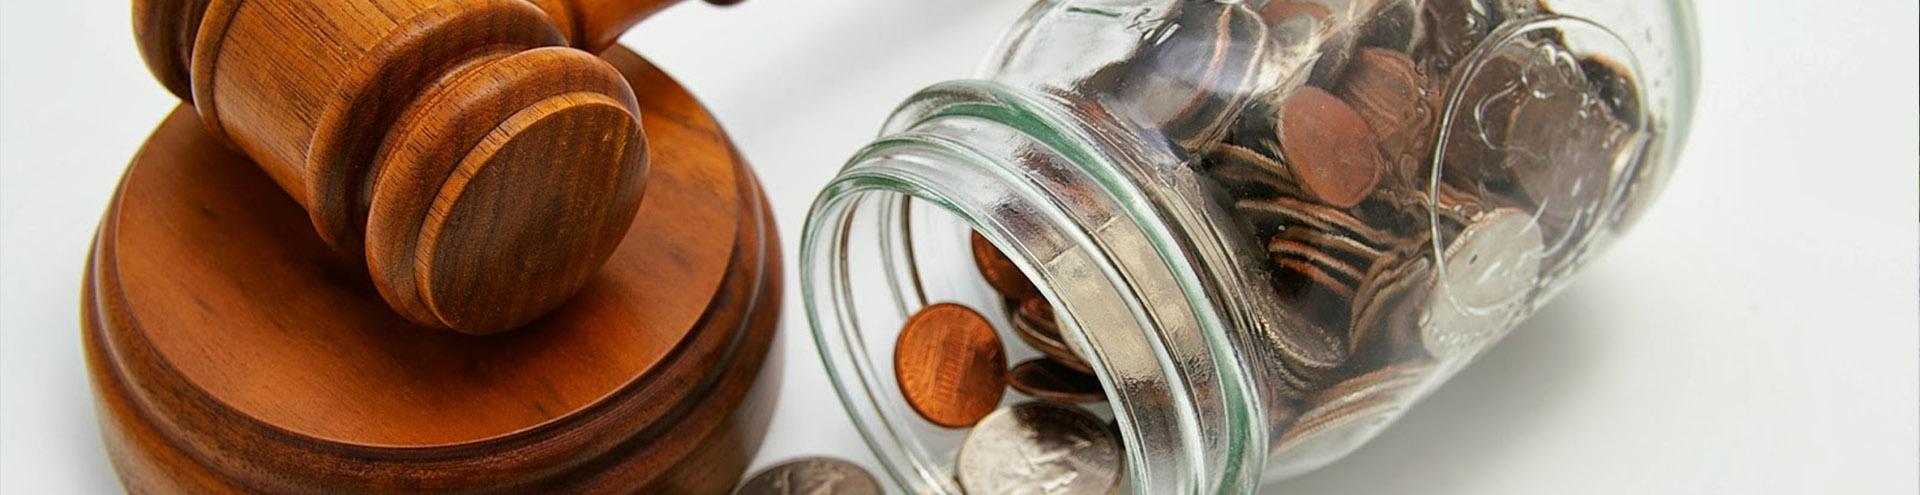 реализация имущества при банкротстве ИП в Саратове